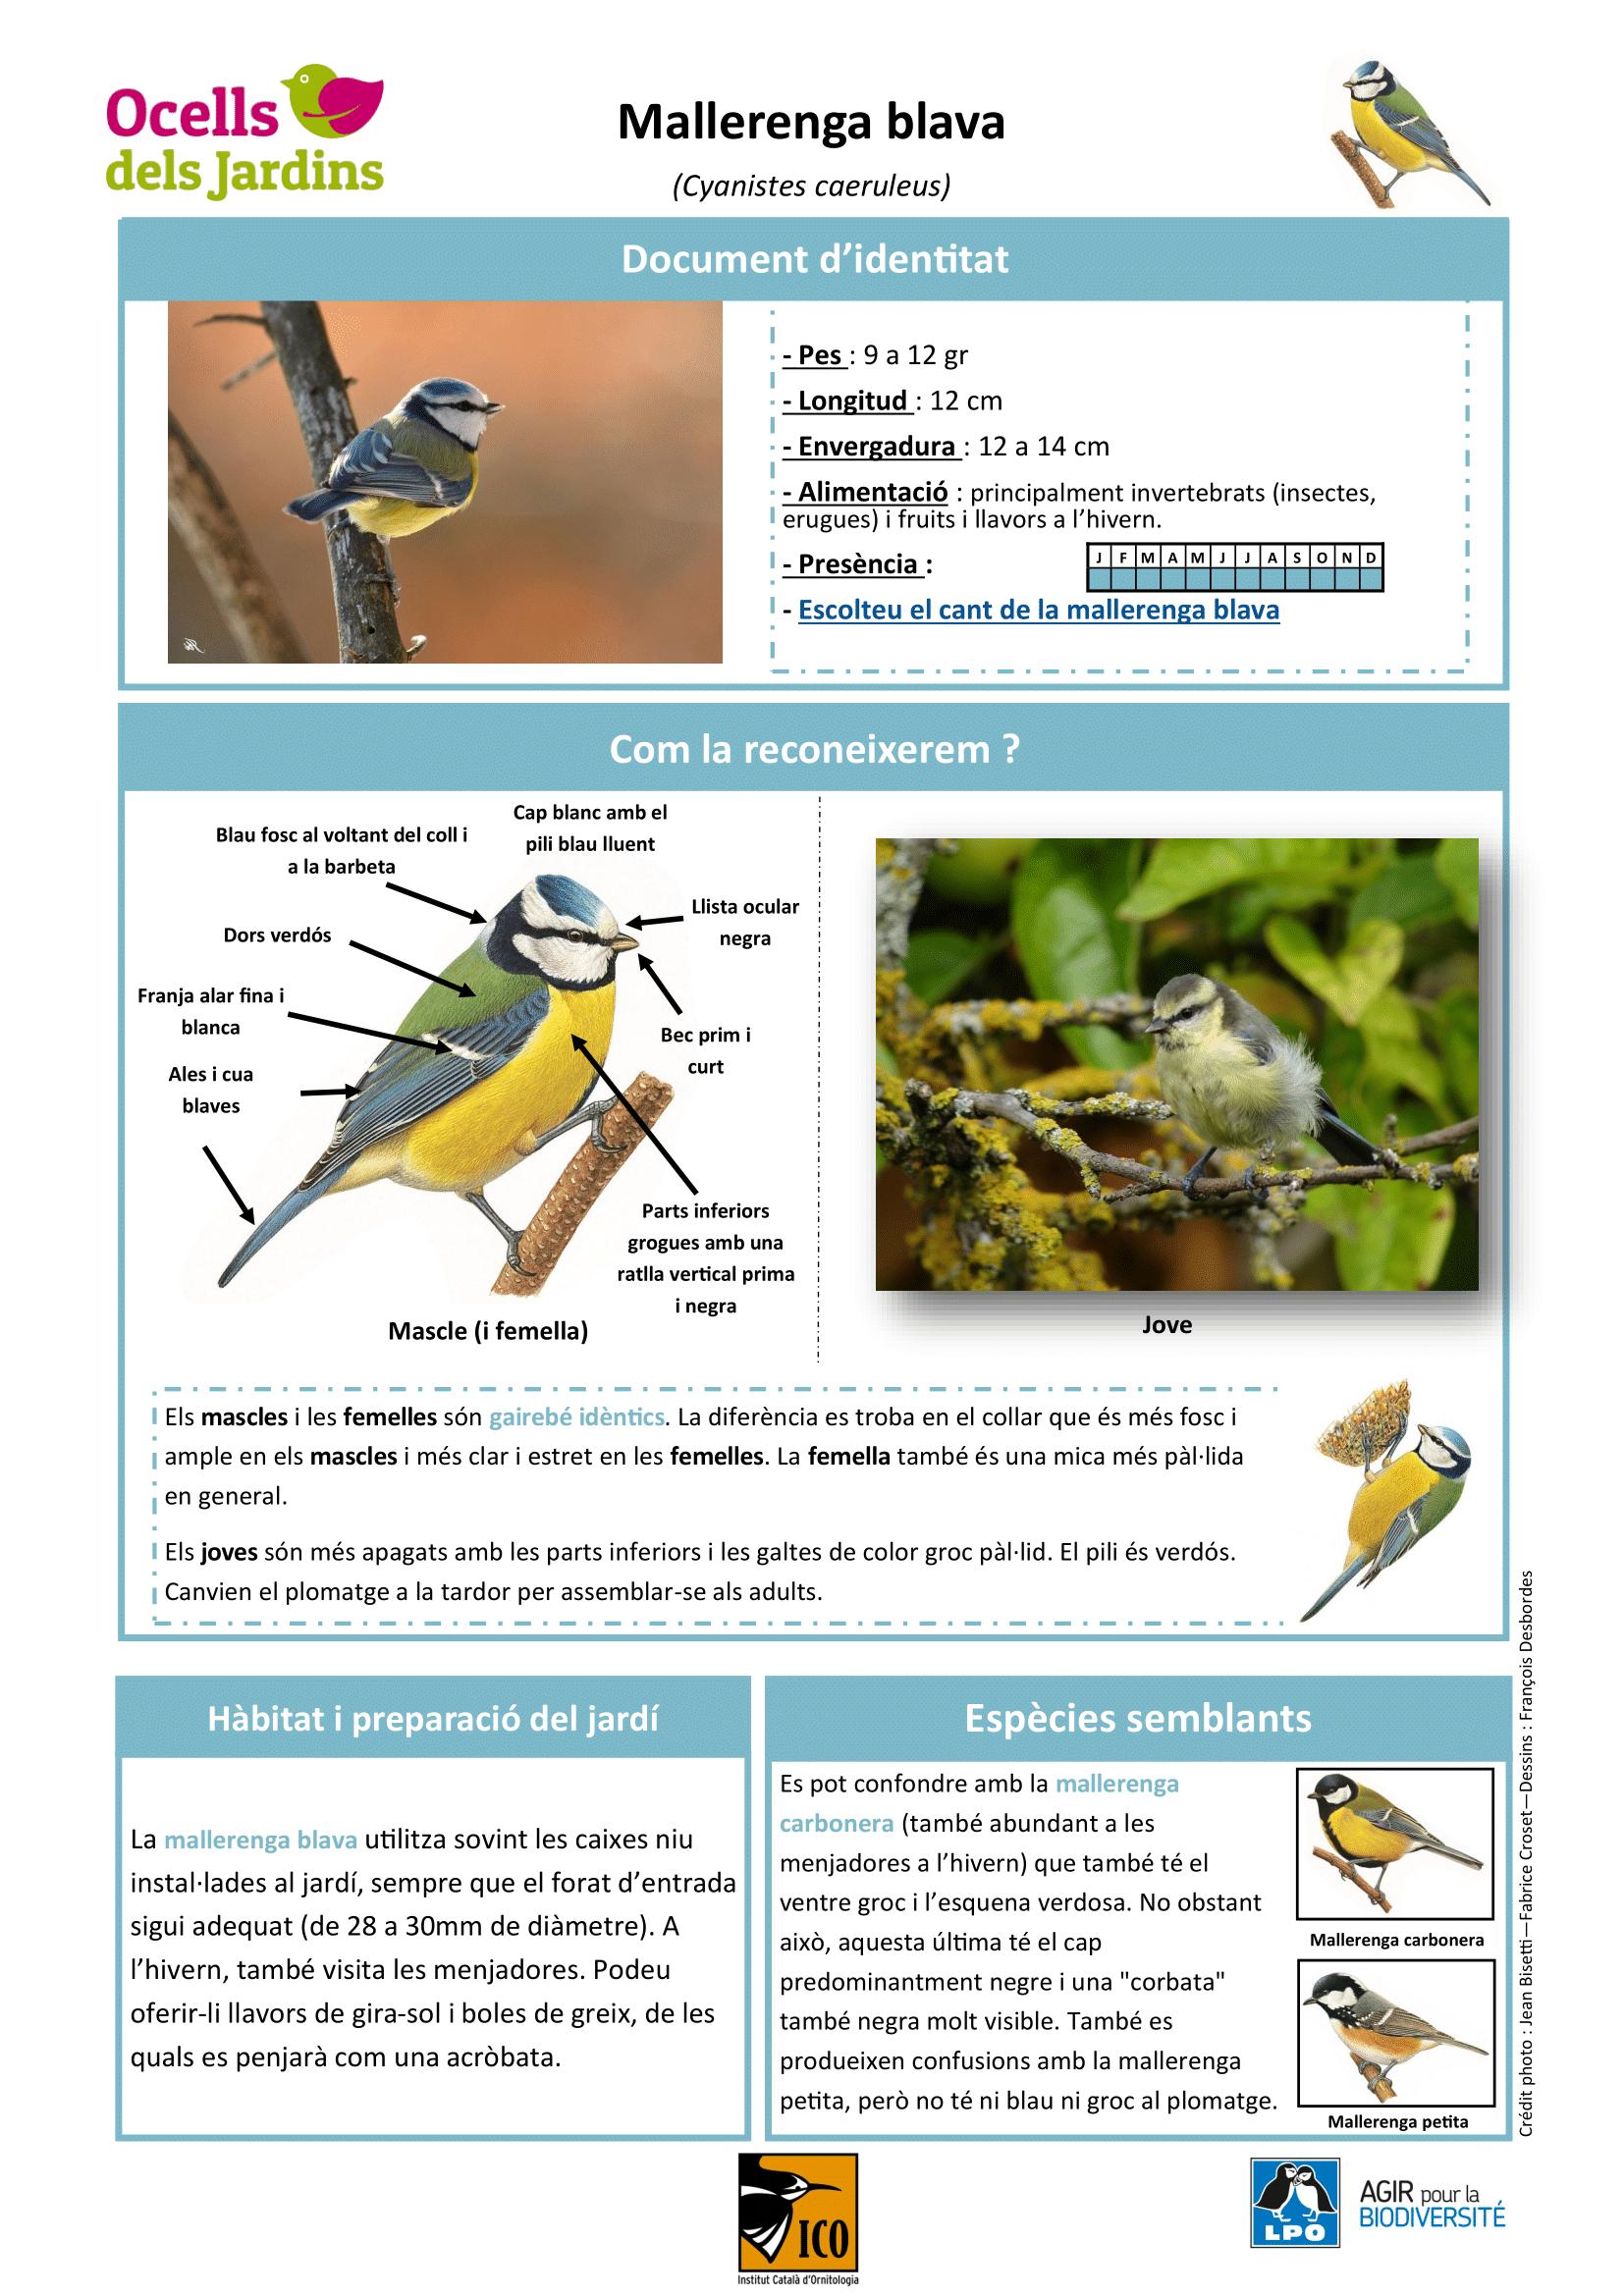 https://cdnfiles1.biolovision.net/www.ocellsdelsjardins.cat/userfiles/Mallerengablava-1.png